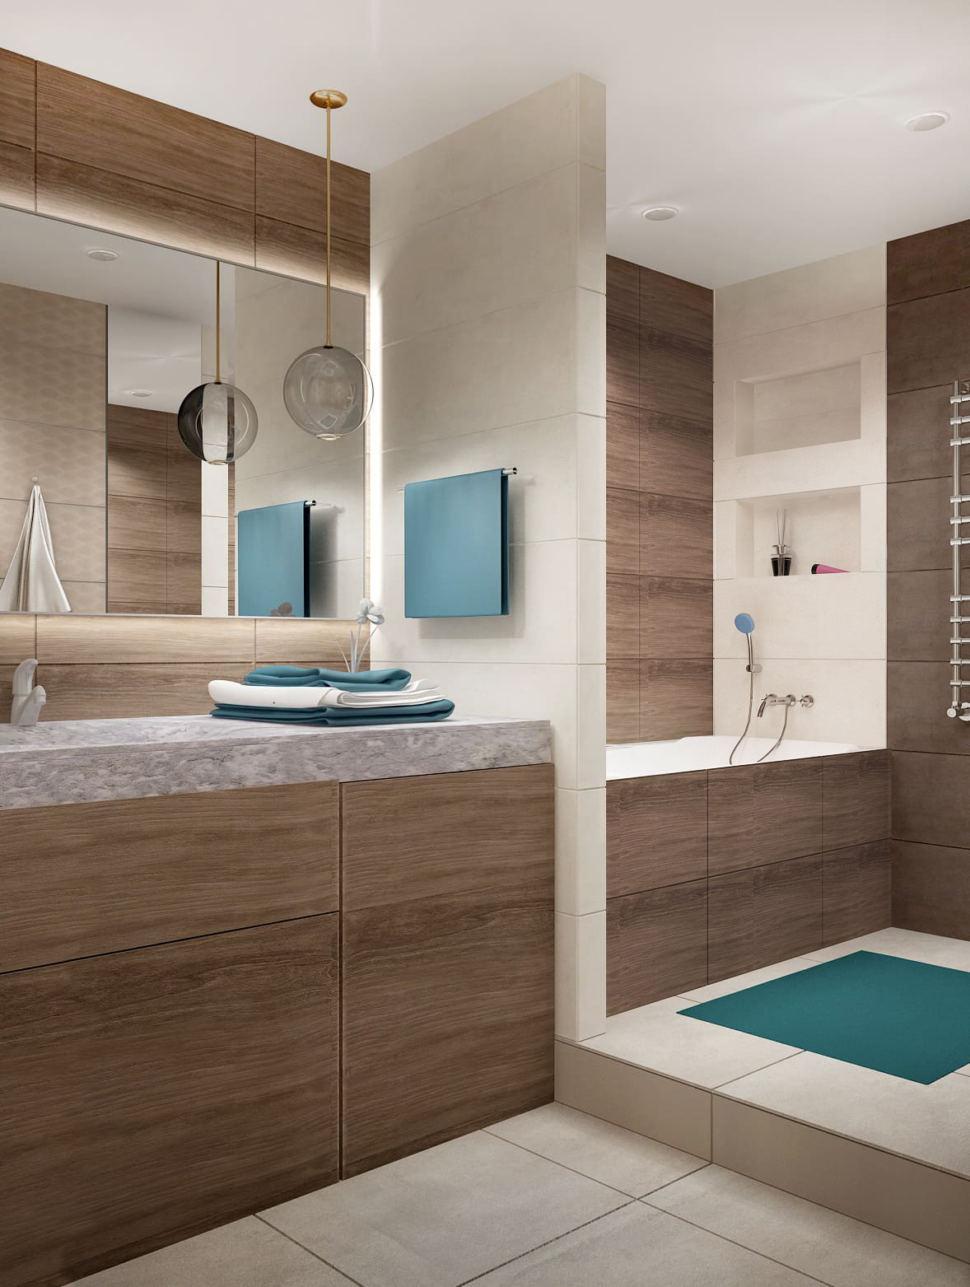 Дизайн-интерьера ванной комнаты в бежевых тонах 7 кв.м, бежевая тумба, зеркало, раковина, подвесной светильник